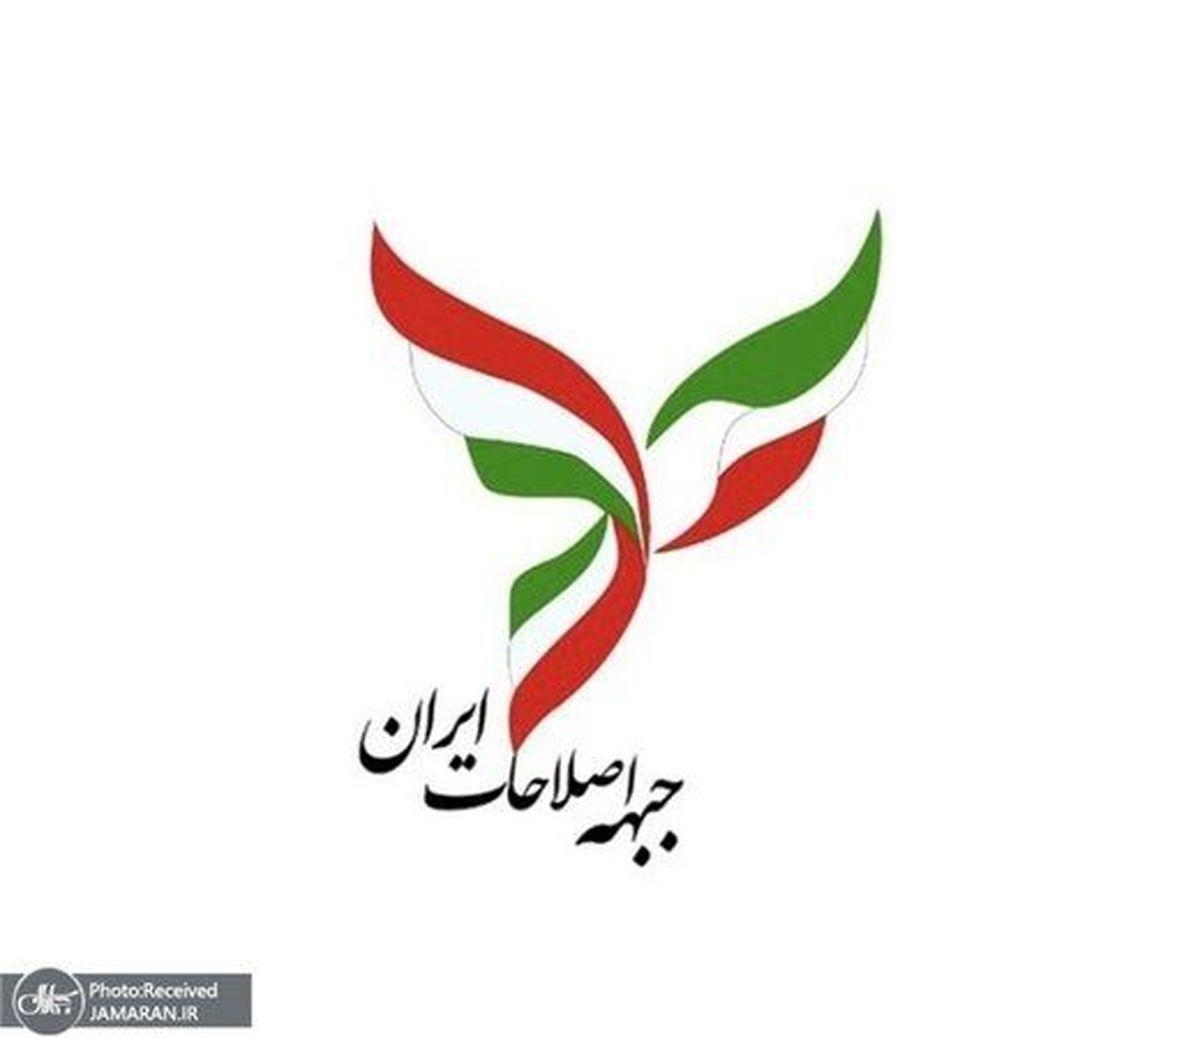 اصلاحات  از همتی و مهر علیزاده حمایت نکرد |  کاندیدایی نداریم!